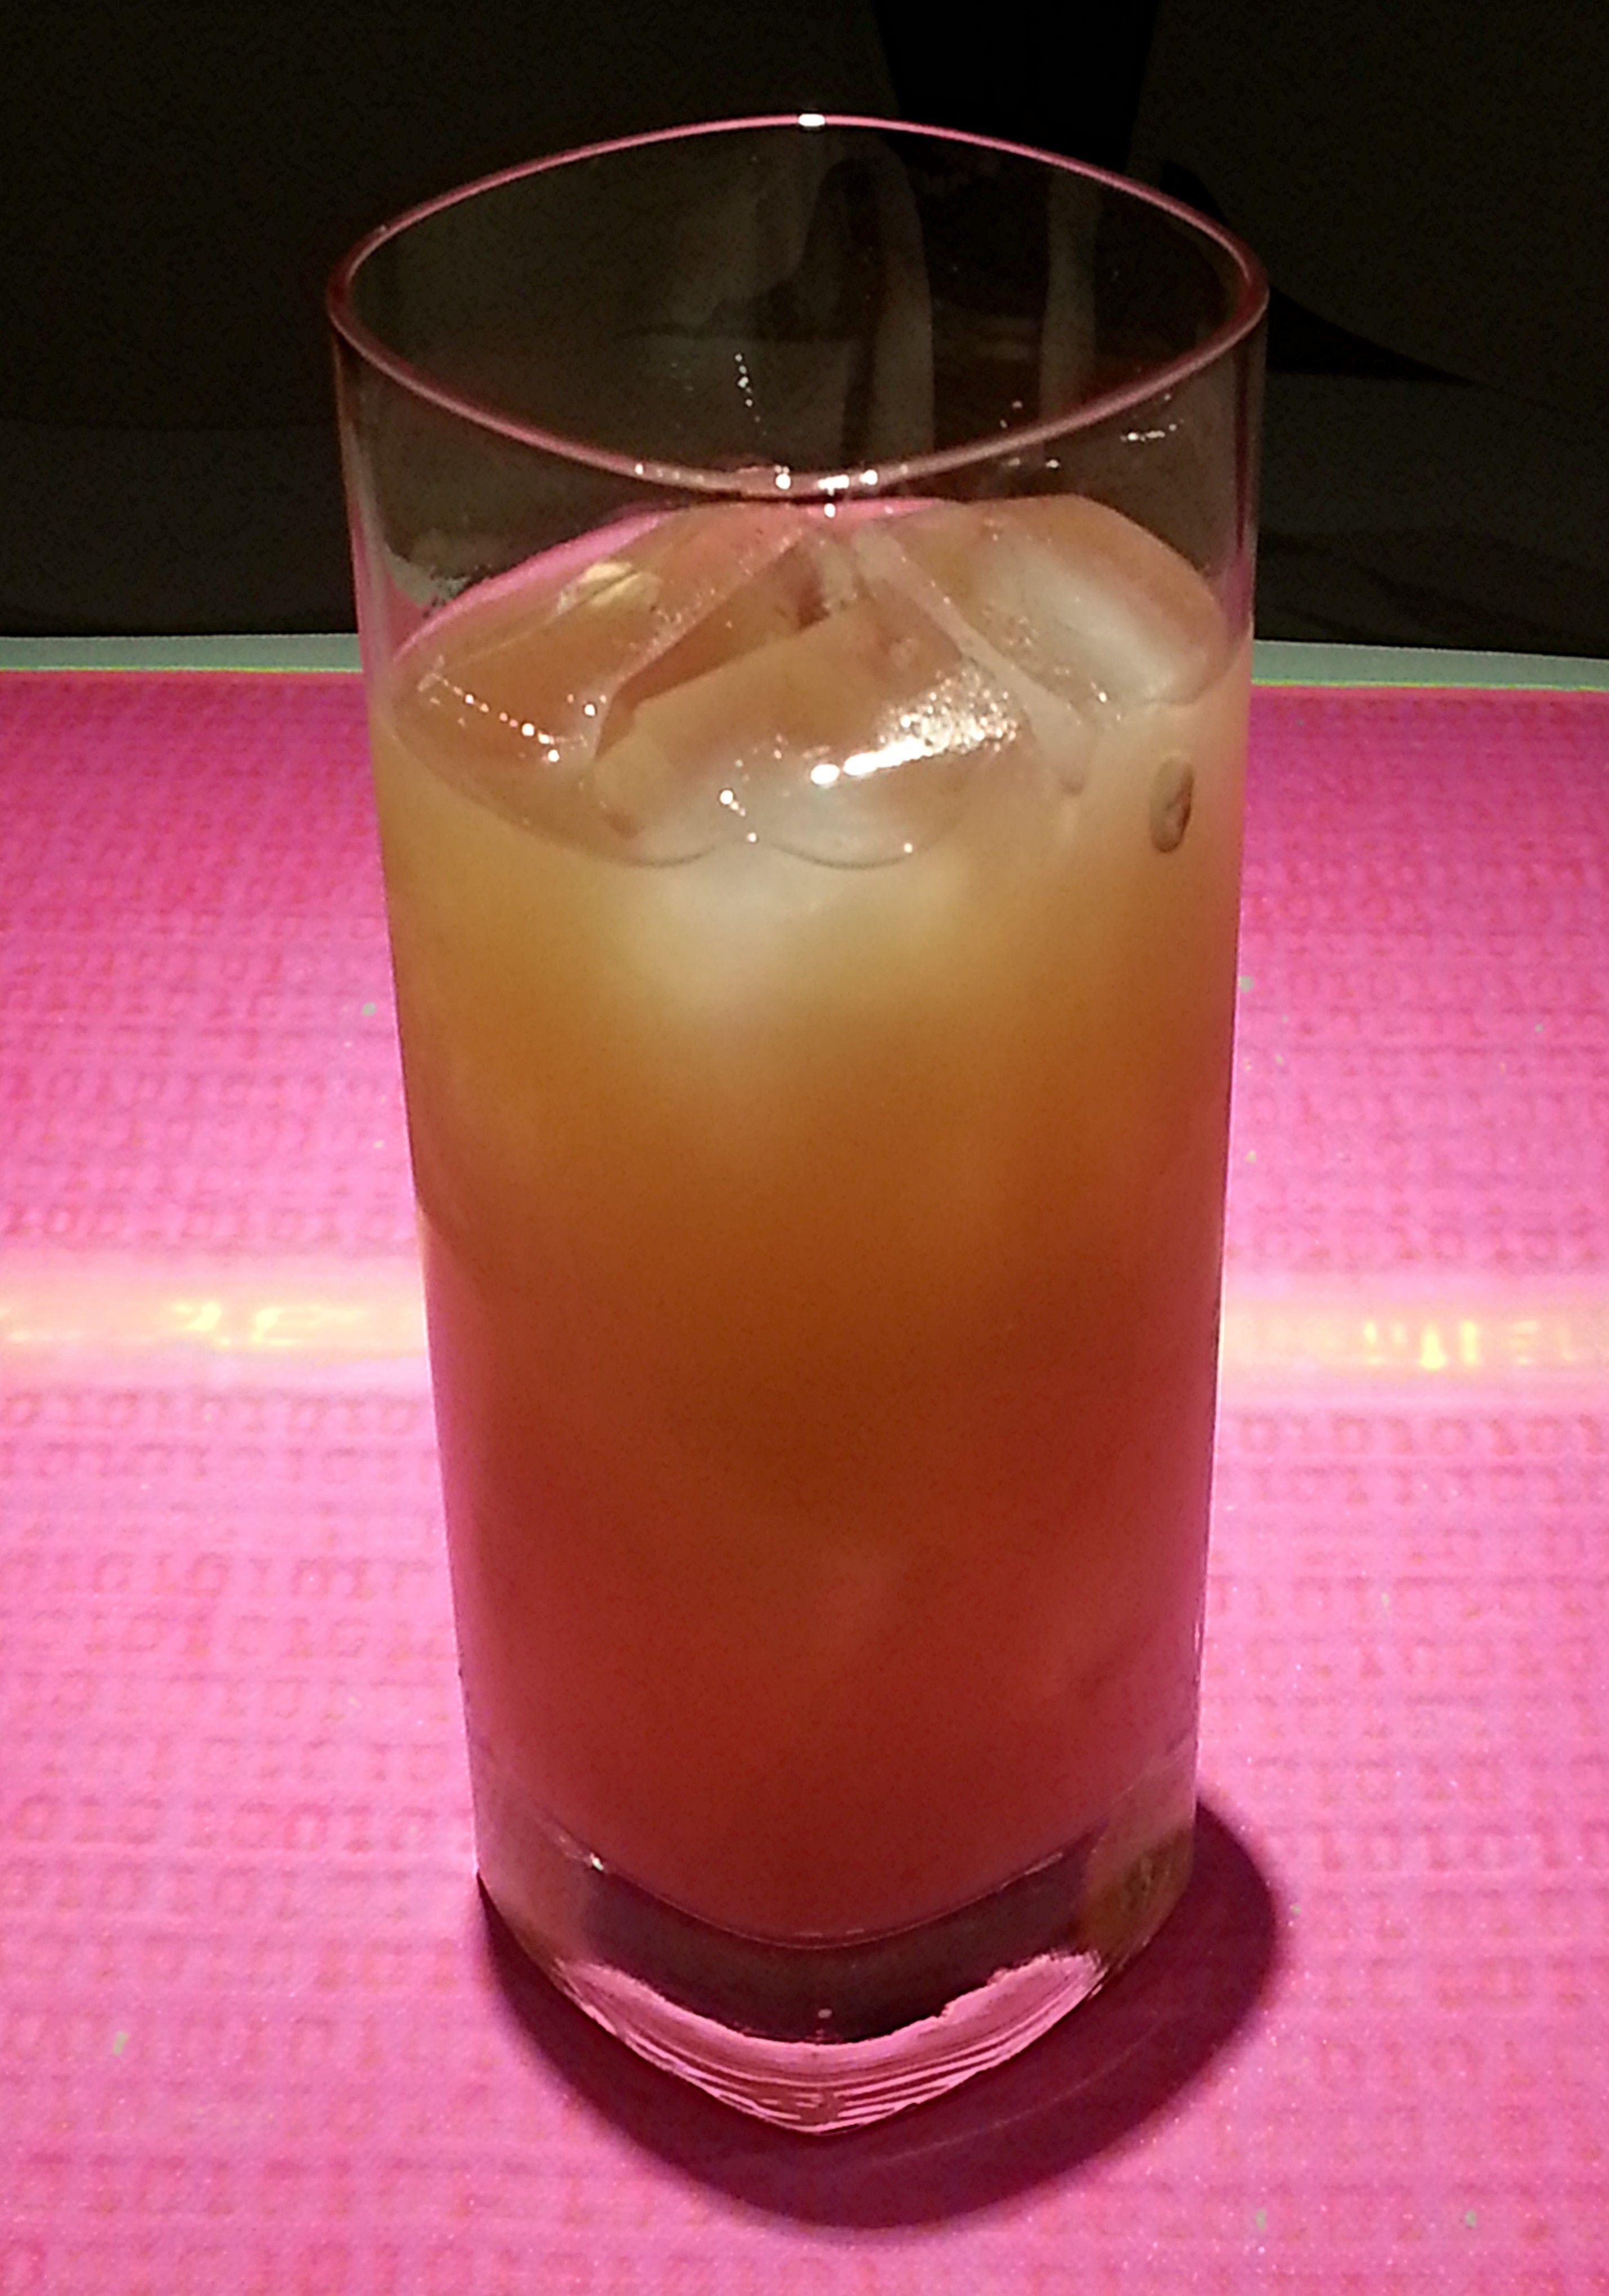 Fog Cutter Recipe 1 1 3 Oz Gold Rum 2 3 Oz Brandy 1 3 Oz Gin 2